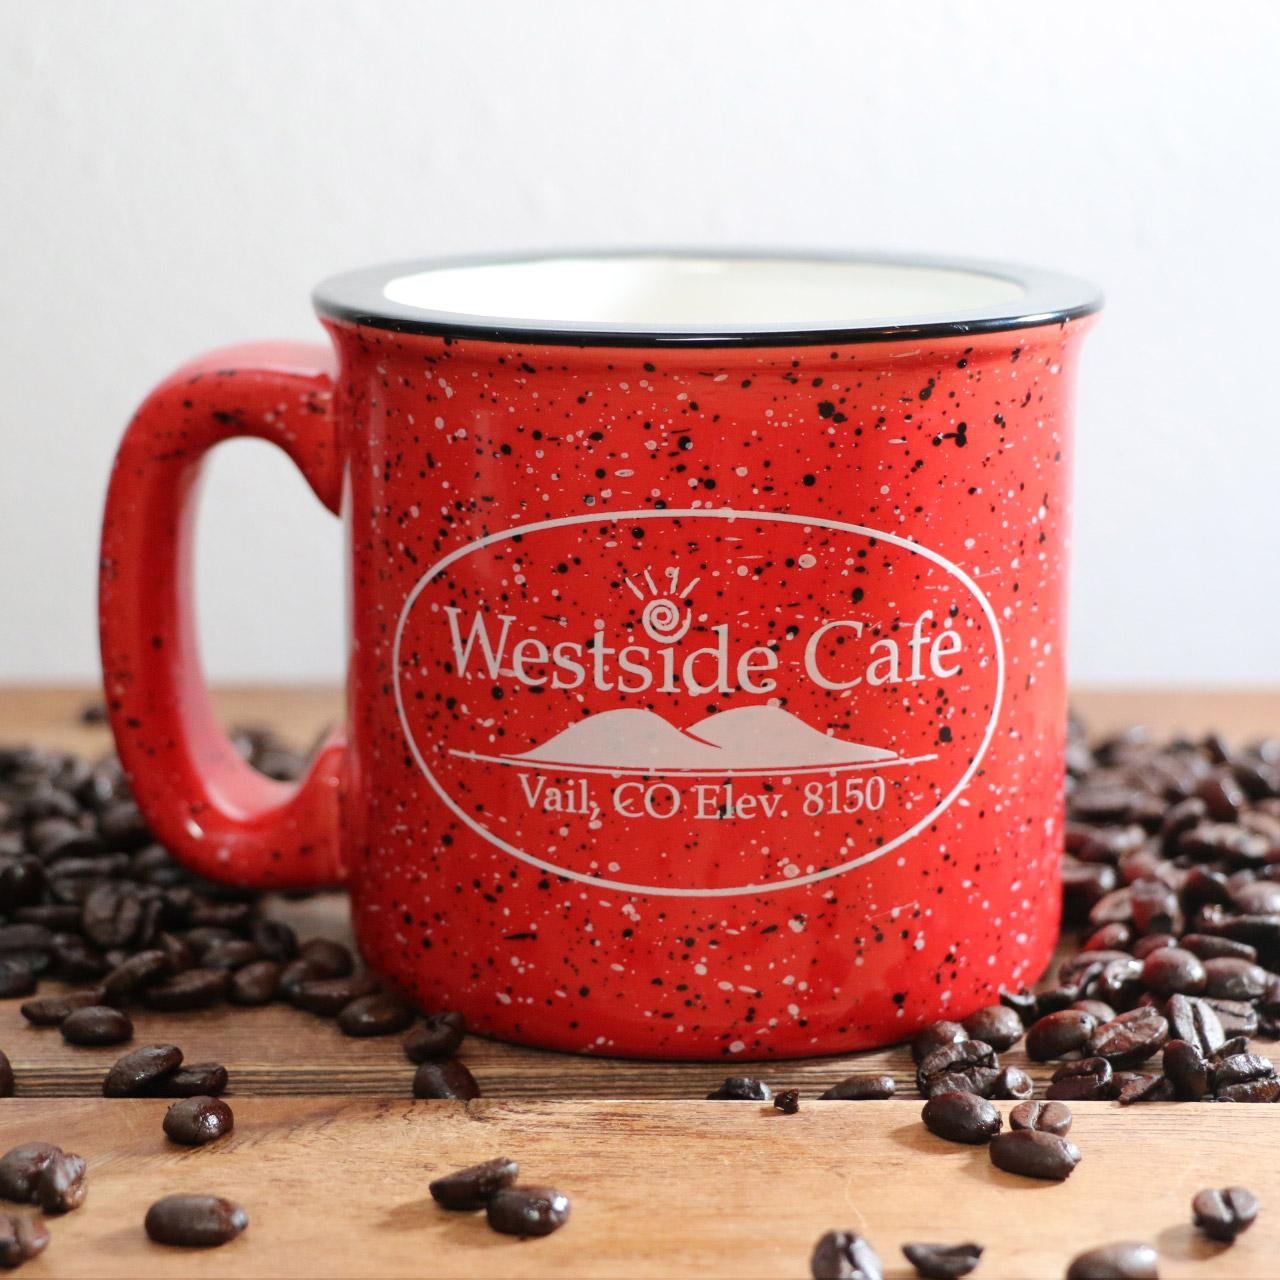 Red Mug from Westside Cafe